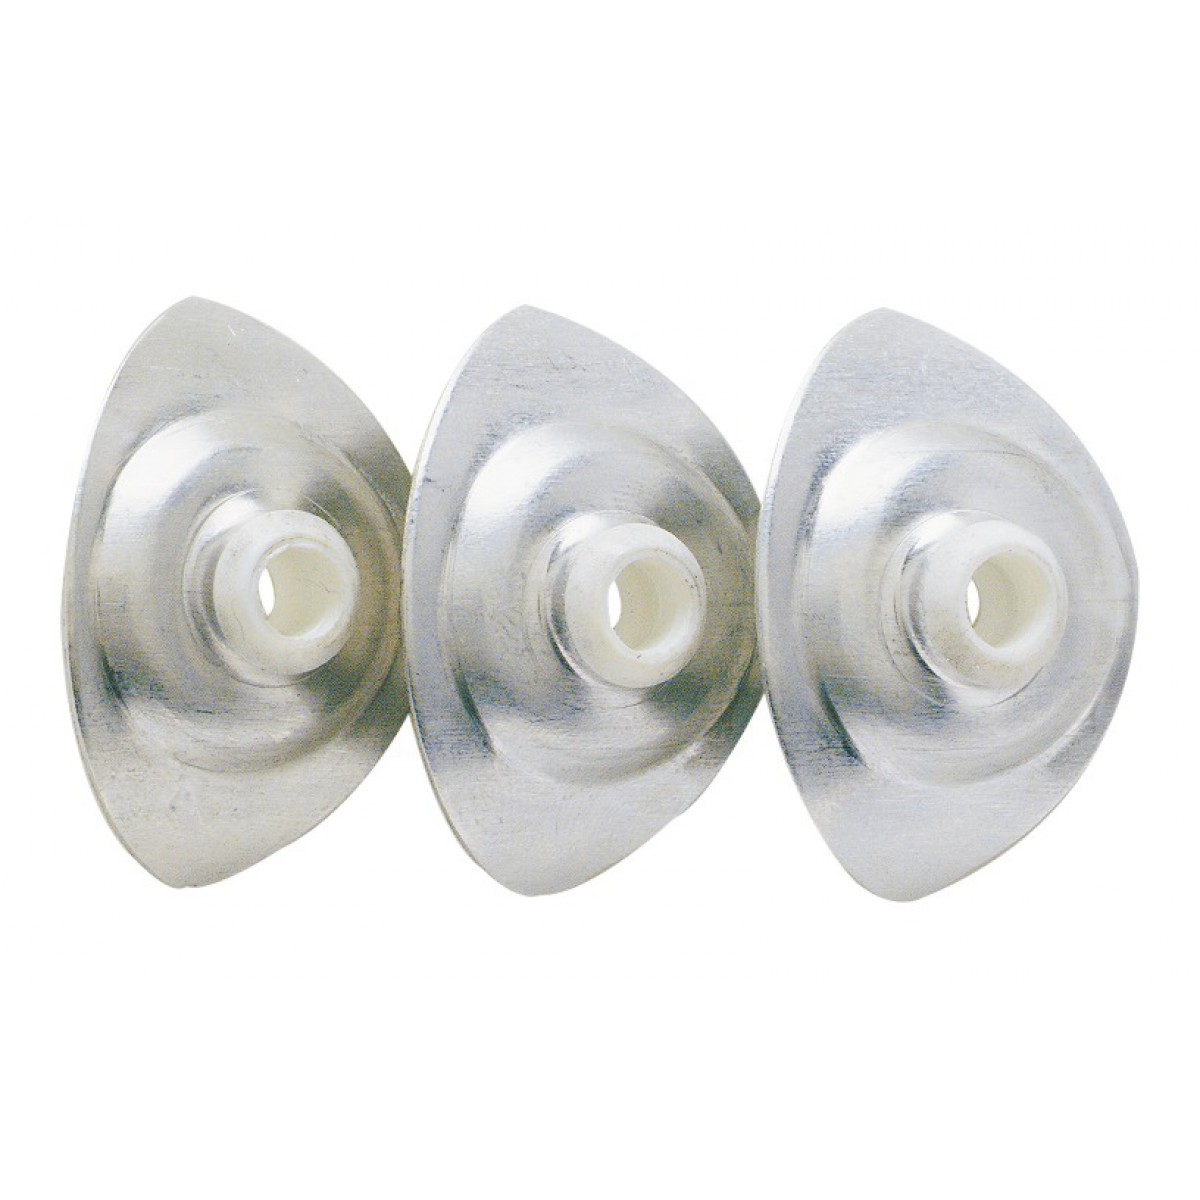 Plaquette ovale pour plaque translucide - Longueur 40 mm - Largeur 28 mm - Epaisseur 8 mm - Vendu par 100